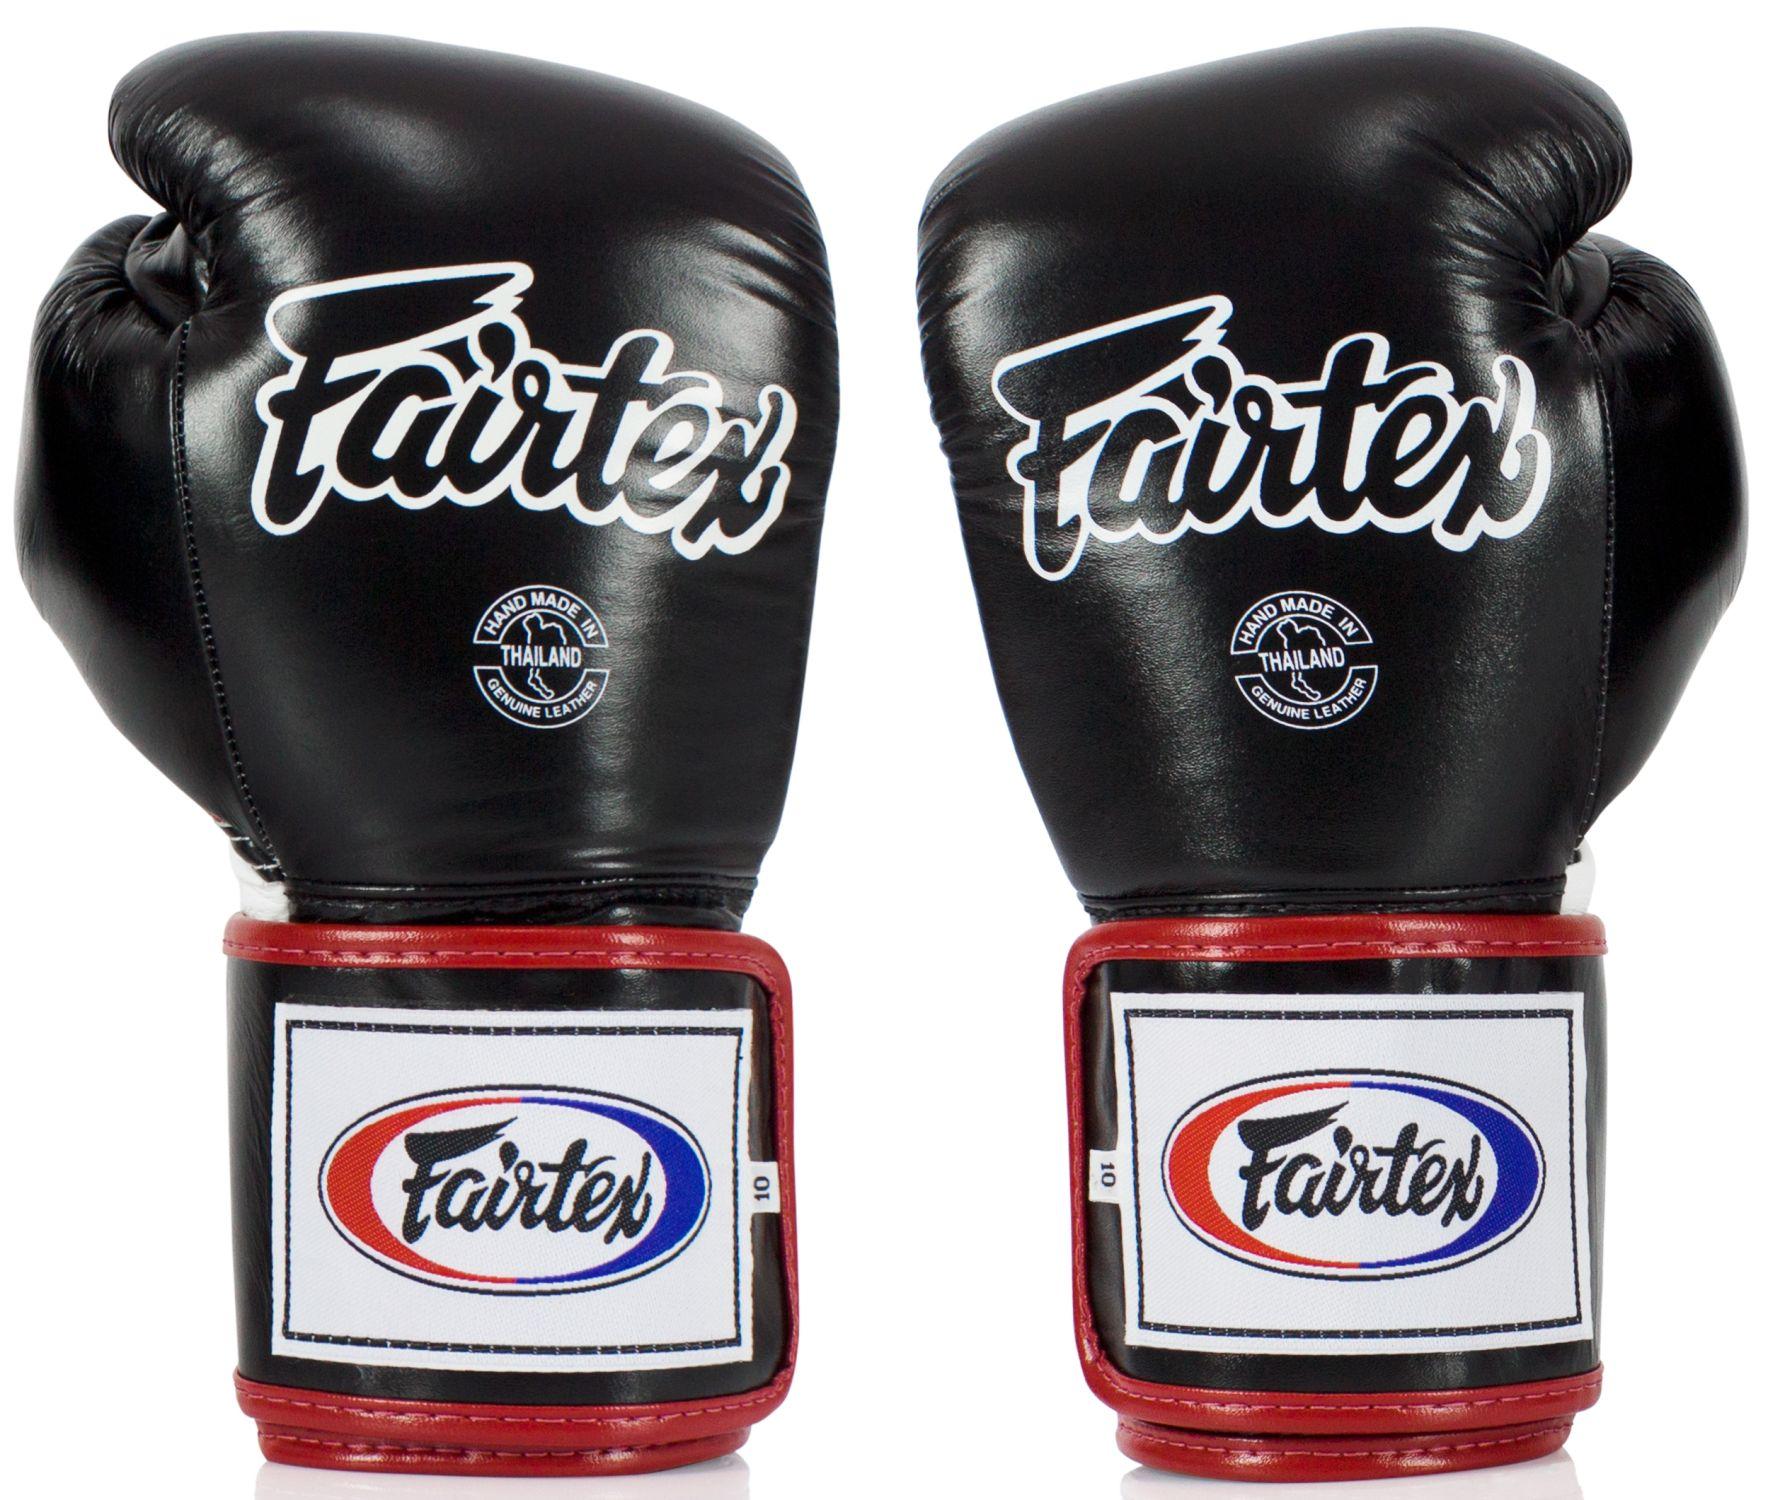 FAIRTEX BGV5 Boxhandschuhe s-w-r